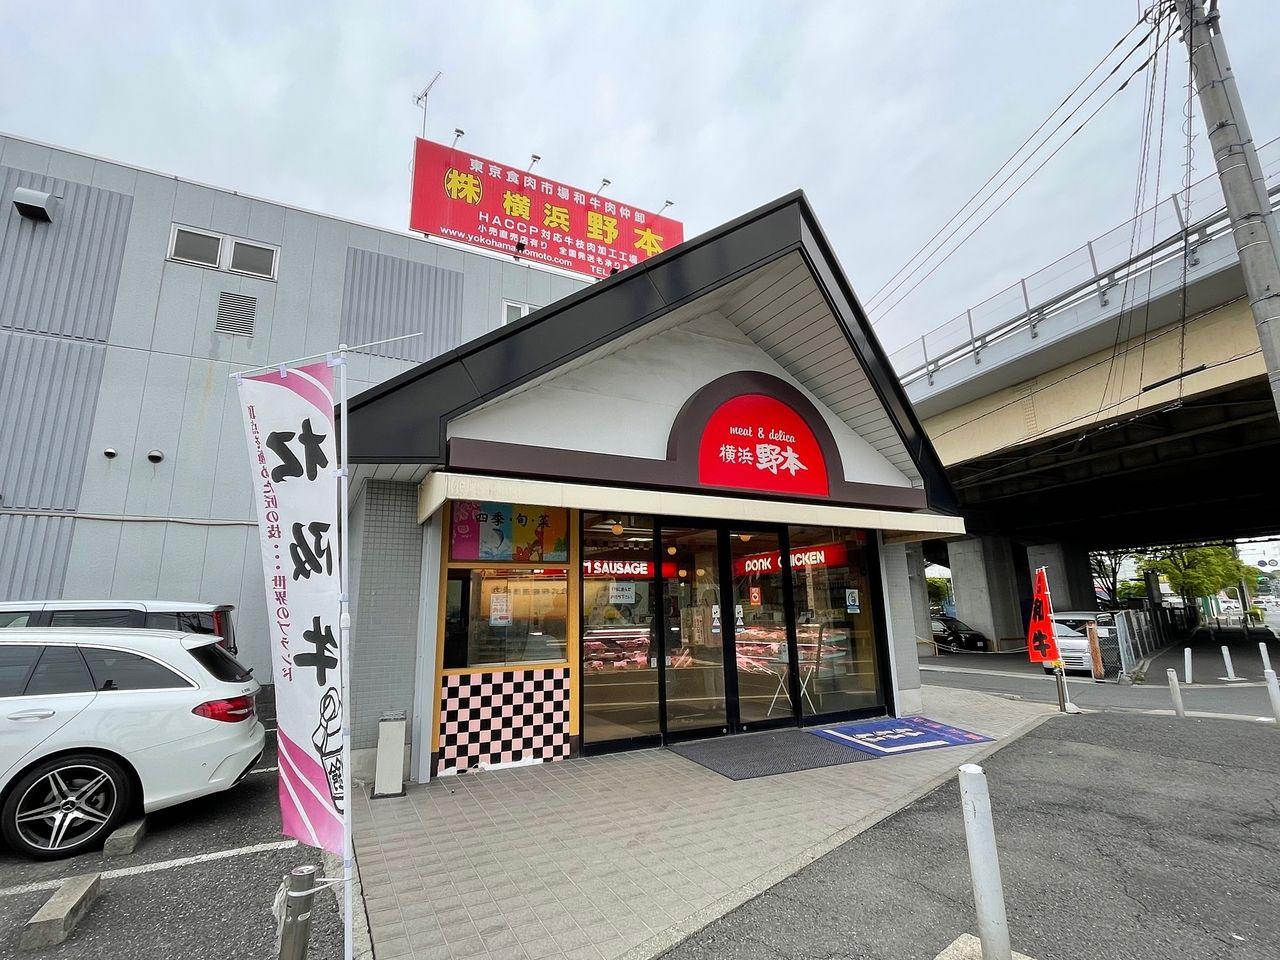 横浜市港北区にある野本畜産という食肉の総合卸問屋の直営店